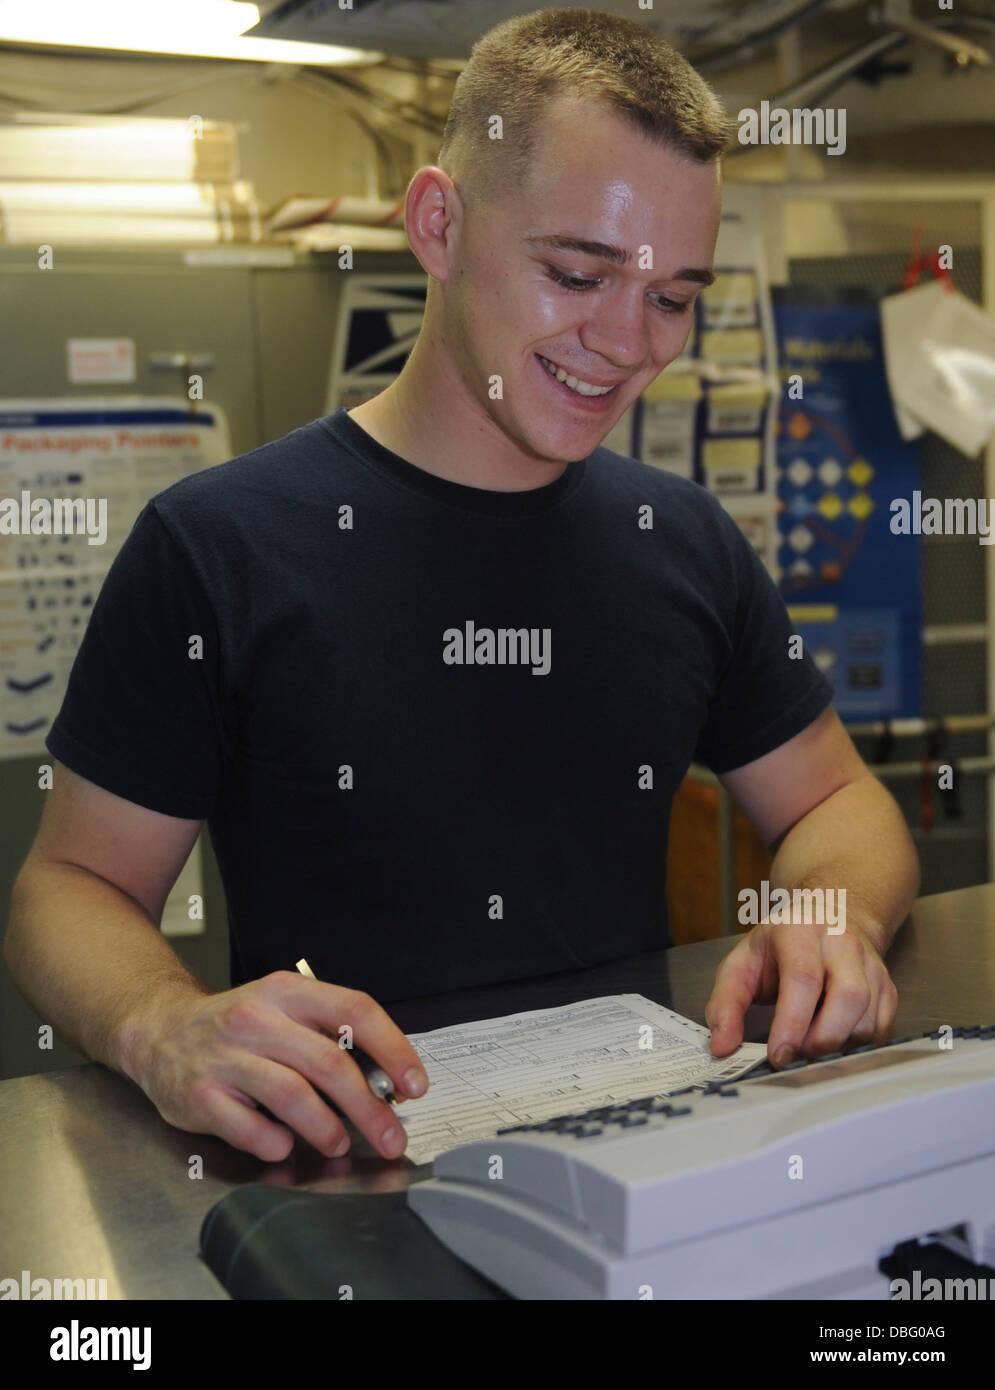 Técnico de Mantenimiento Casco Marina estadounidense George Weckman de 3ª clase de soldadura a bordo del portaaviones USS Nimitz (CVN 68) Julio 25, 20 Foto de stock